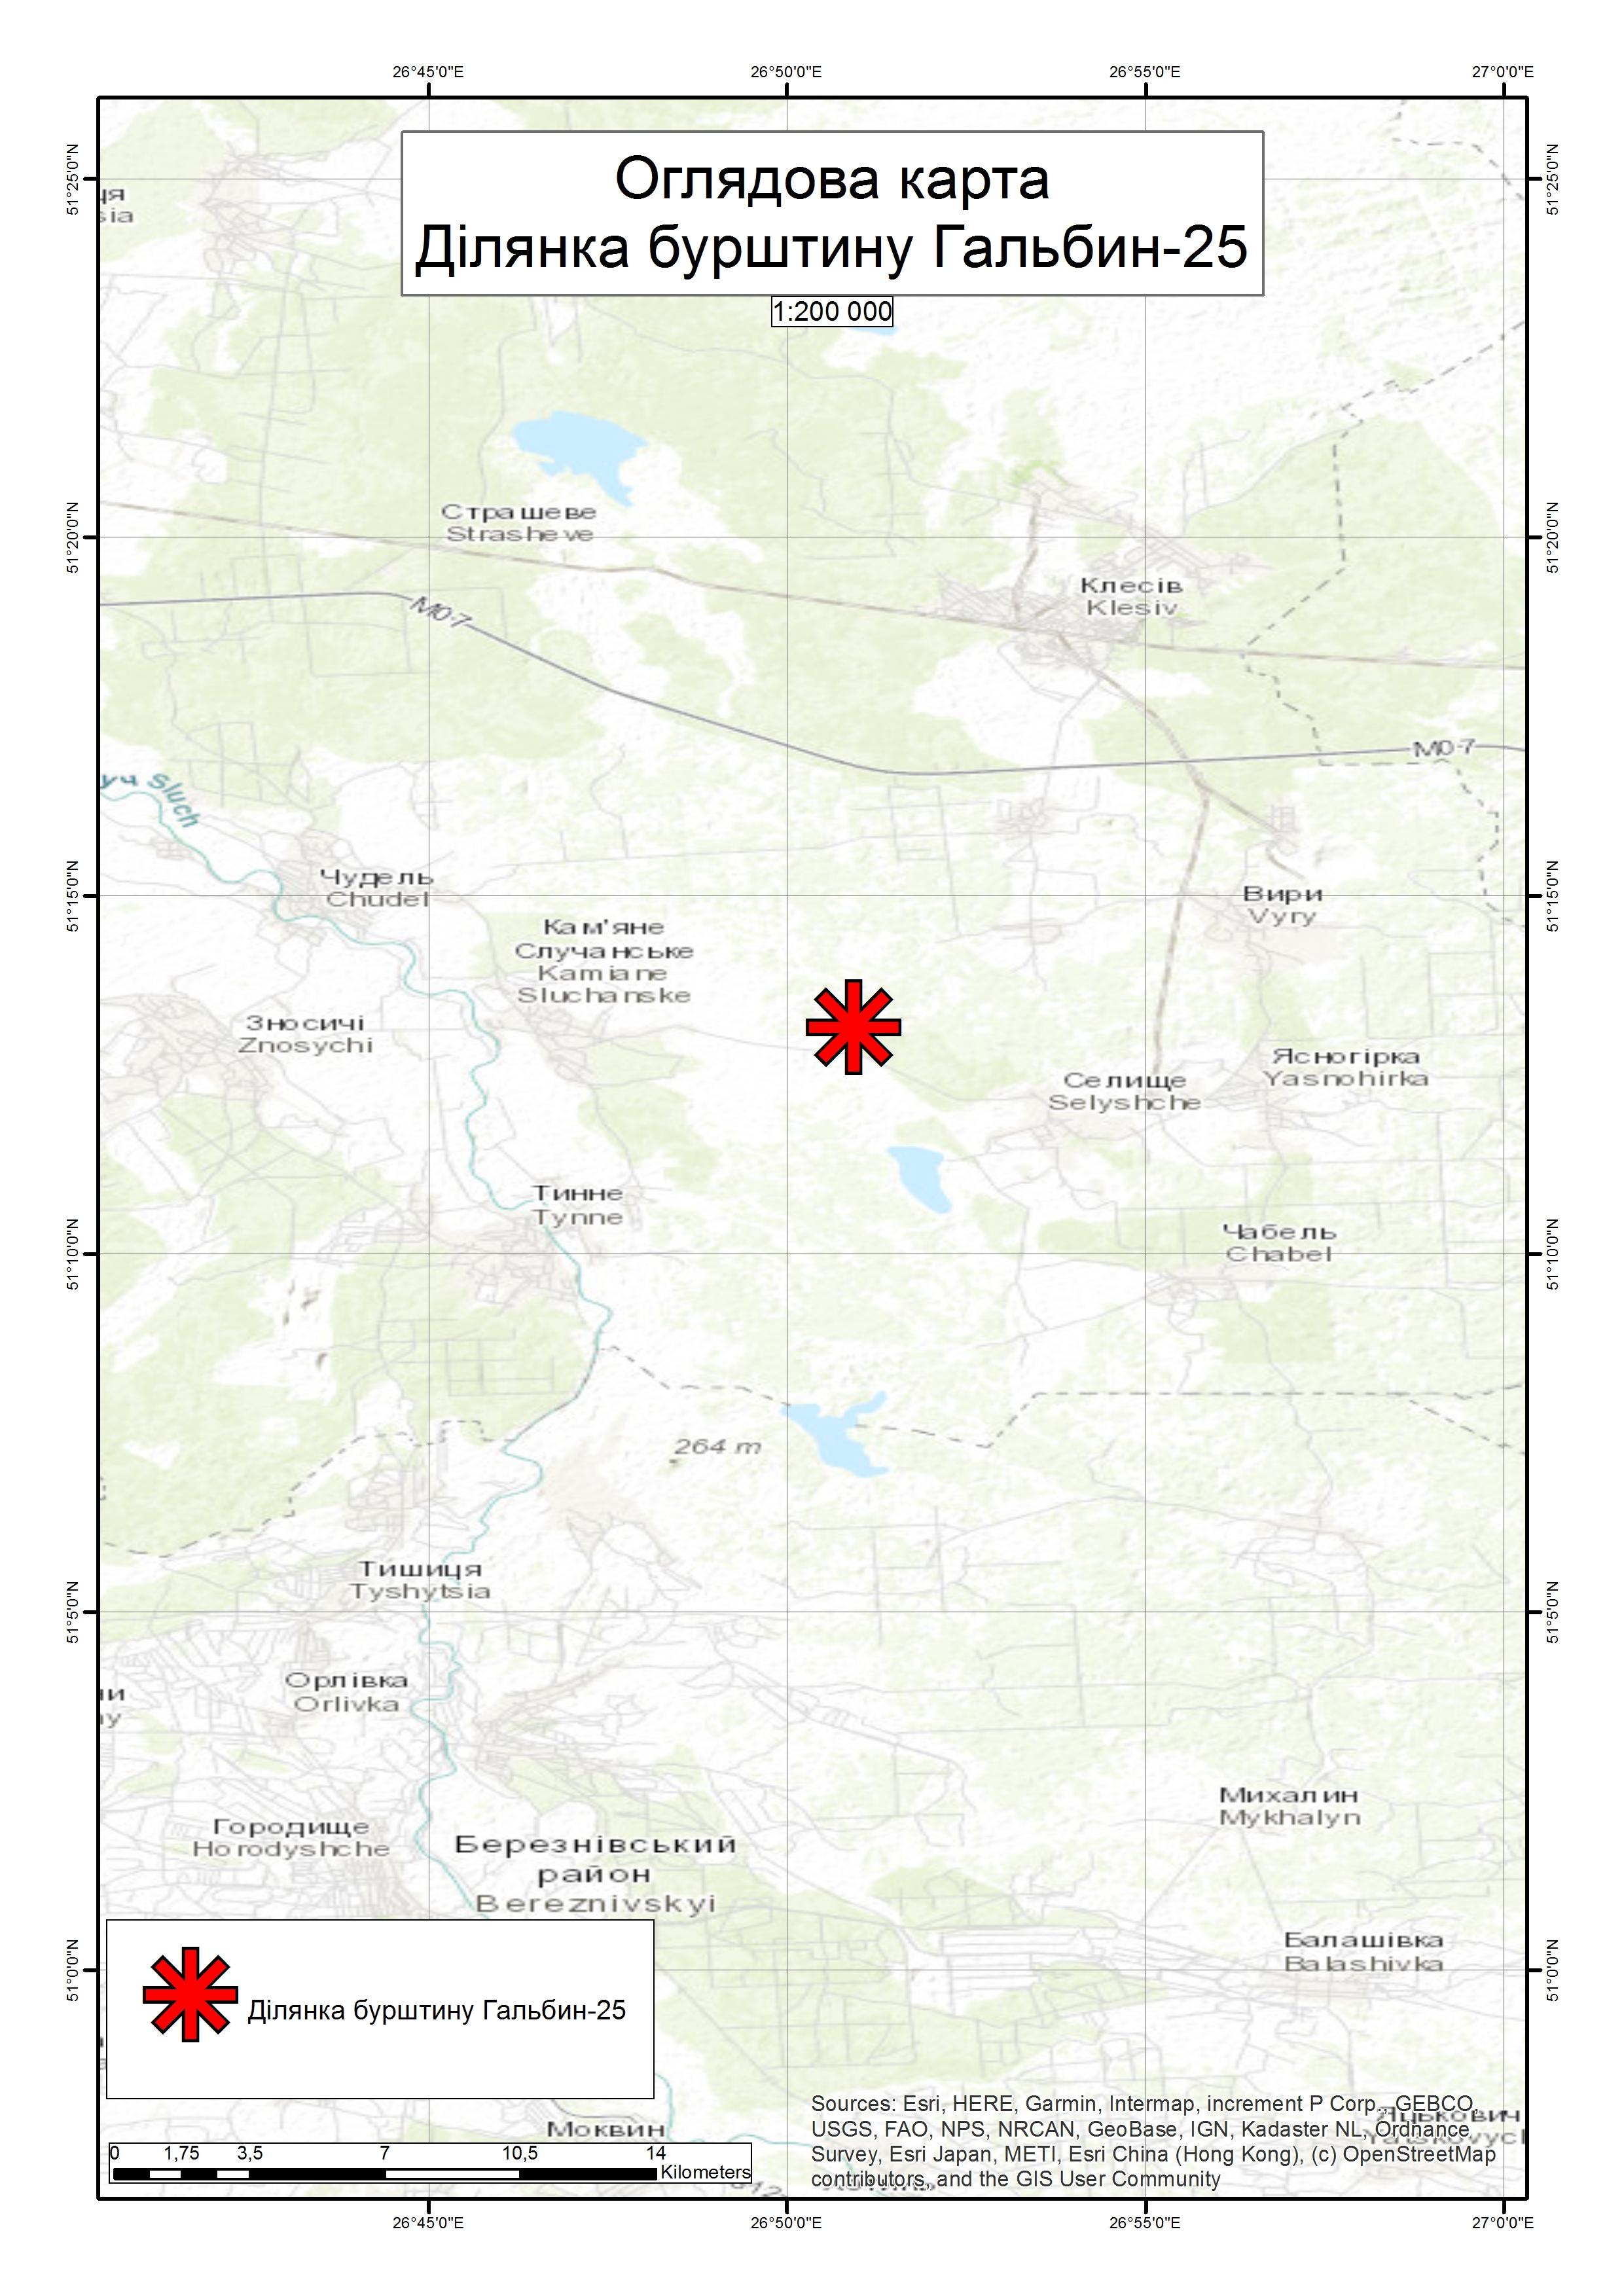 Спеціальний дозвіл на користування надрами – Ділянка Гальбин-25. Вартість геологічної інформації – 102 610,39 грн (з ПДВ). Вартість пакету аукціонної документації – 10 247,33 грн (з ПДВ).